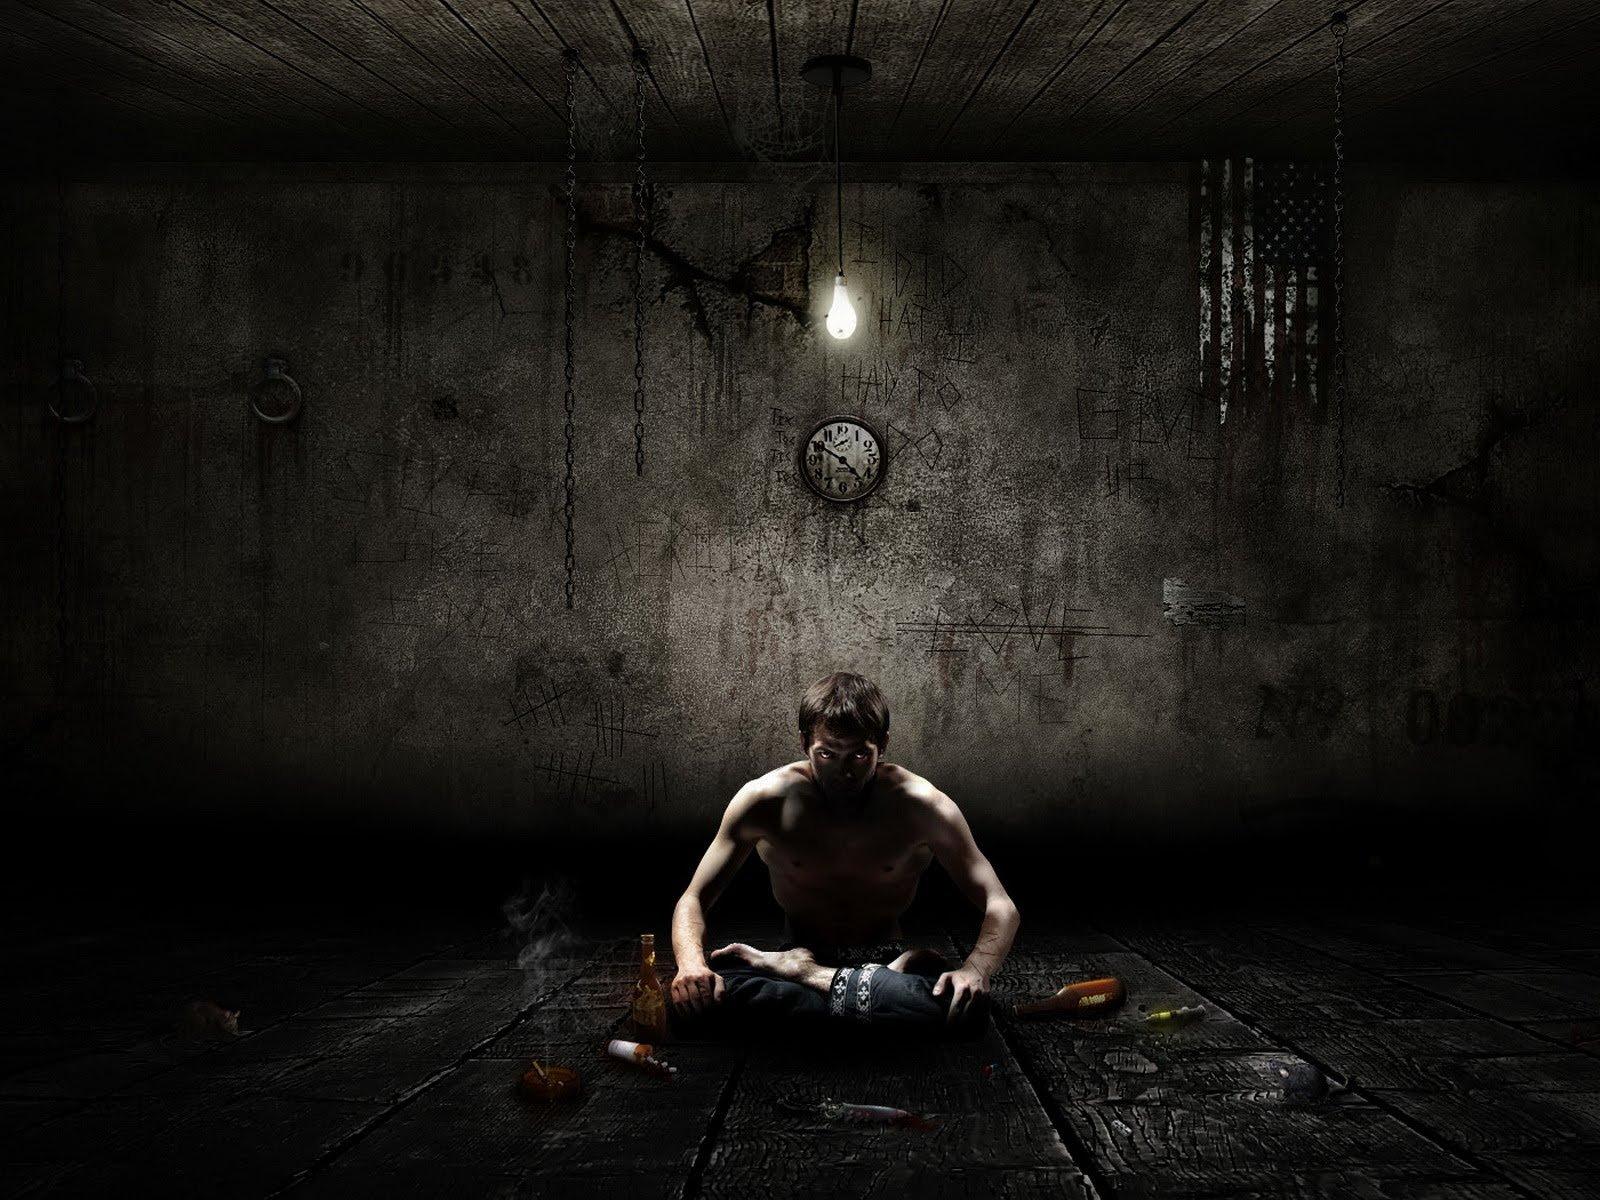 Wallpaper 1600x1200 Px Dark Depression Love Mood People Sad Sorrow 1600x1200 Goodfon 1764997 Hd Wallpapers Wallhere